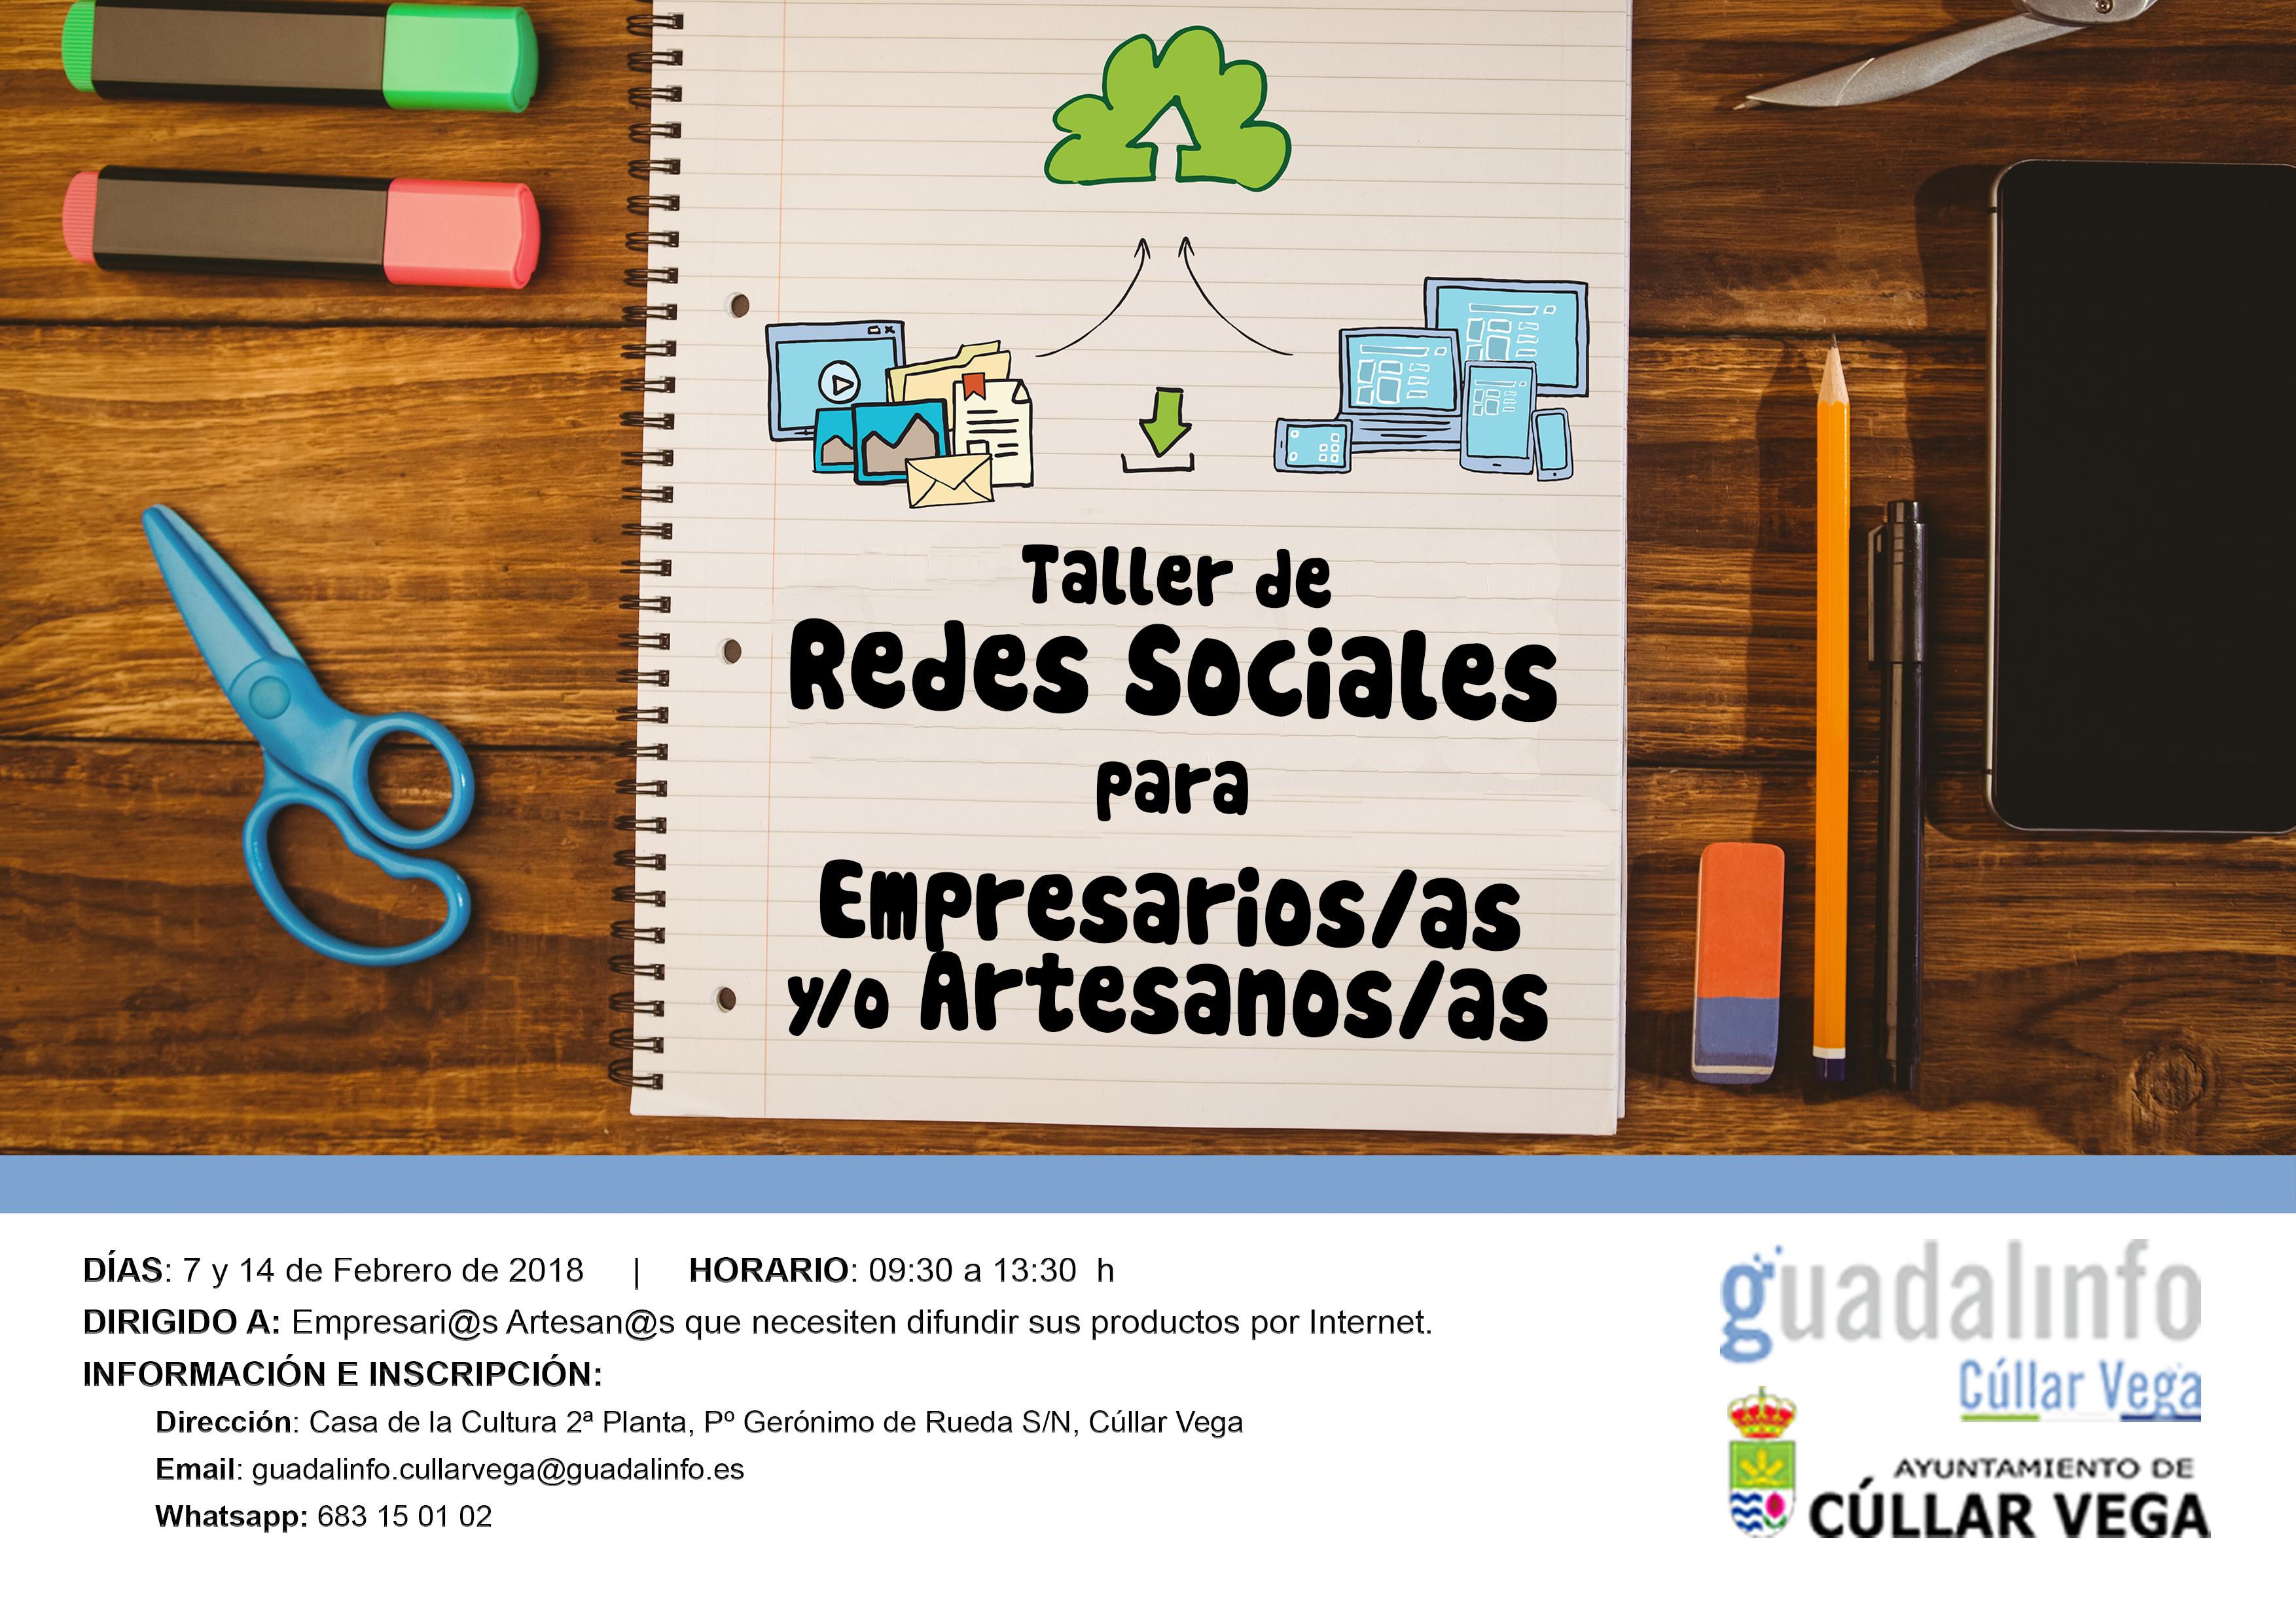 Taller de Redes Sociales para empresari@s y/o artesan@s